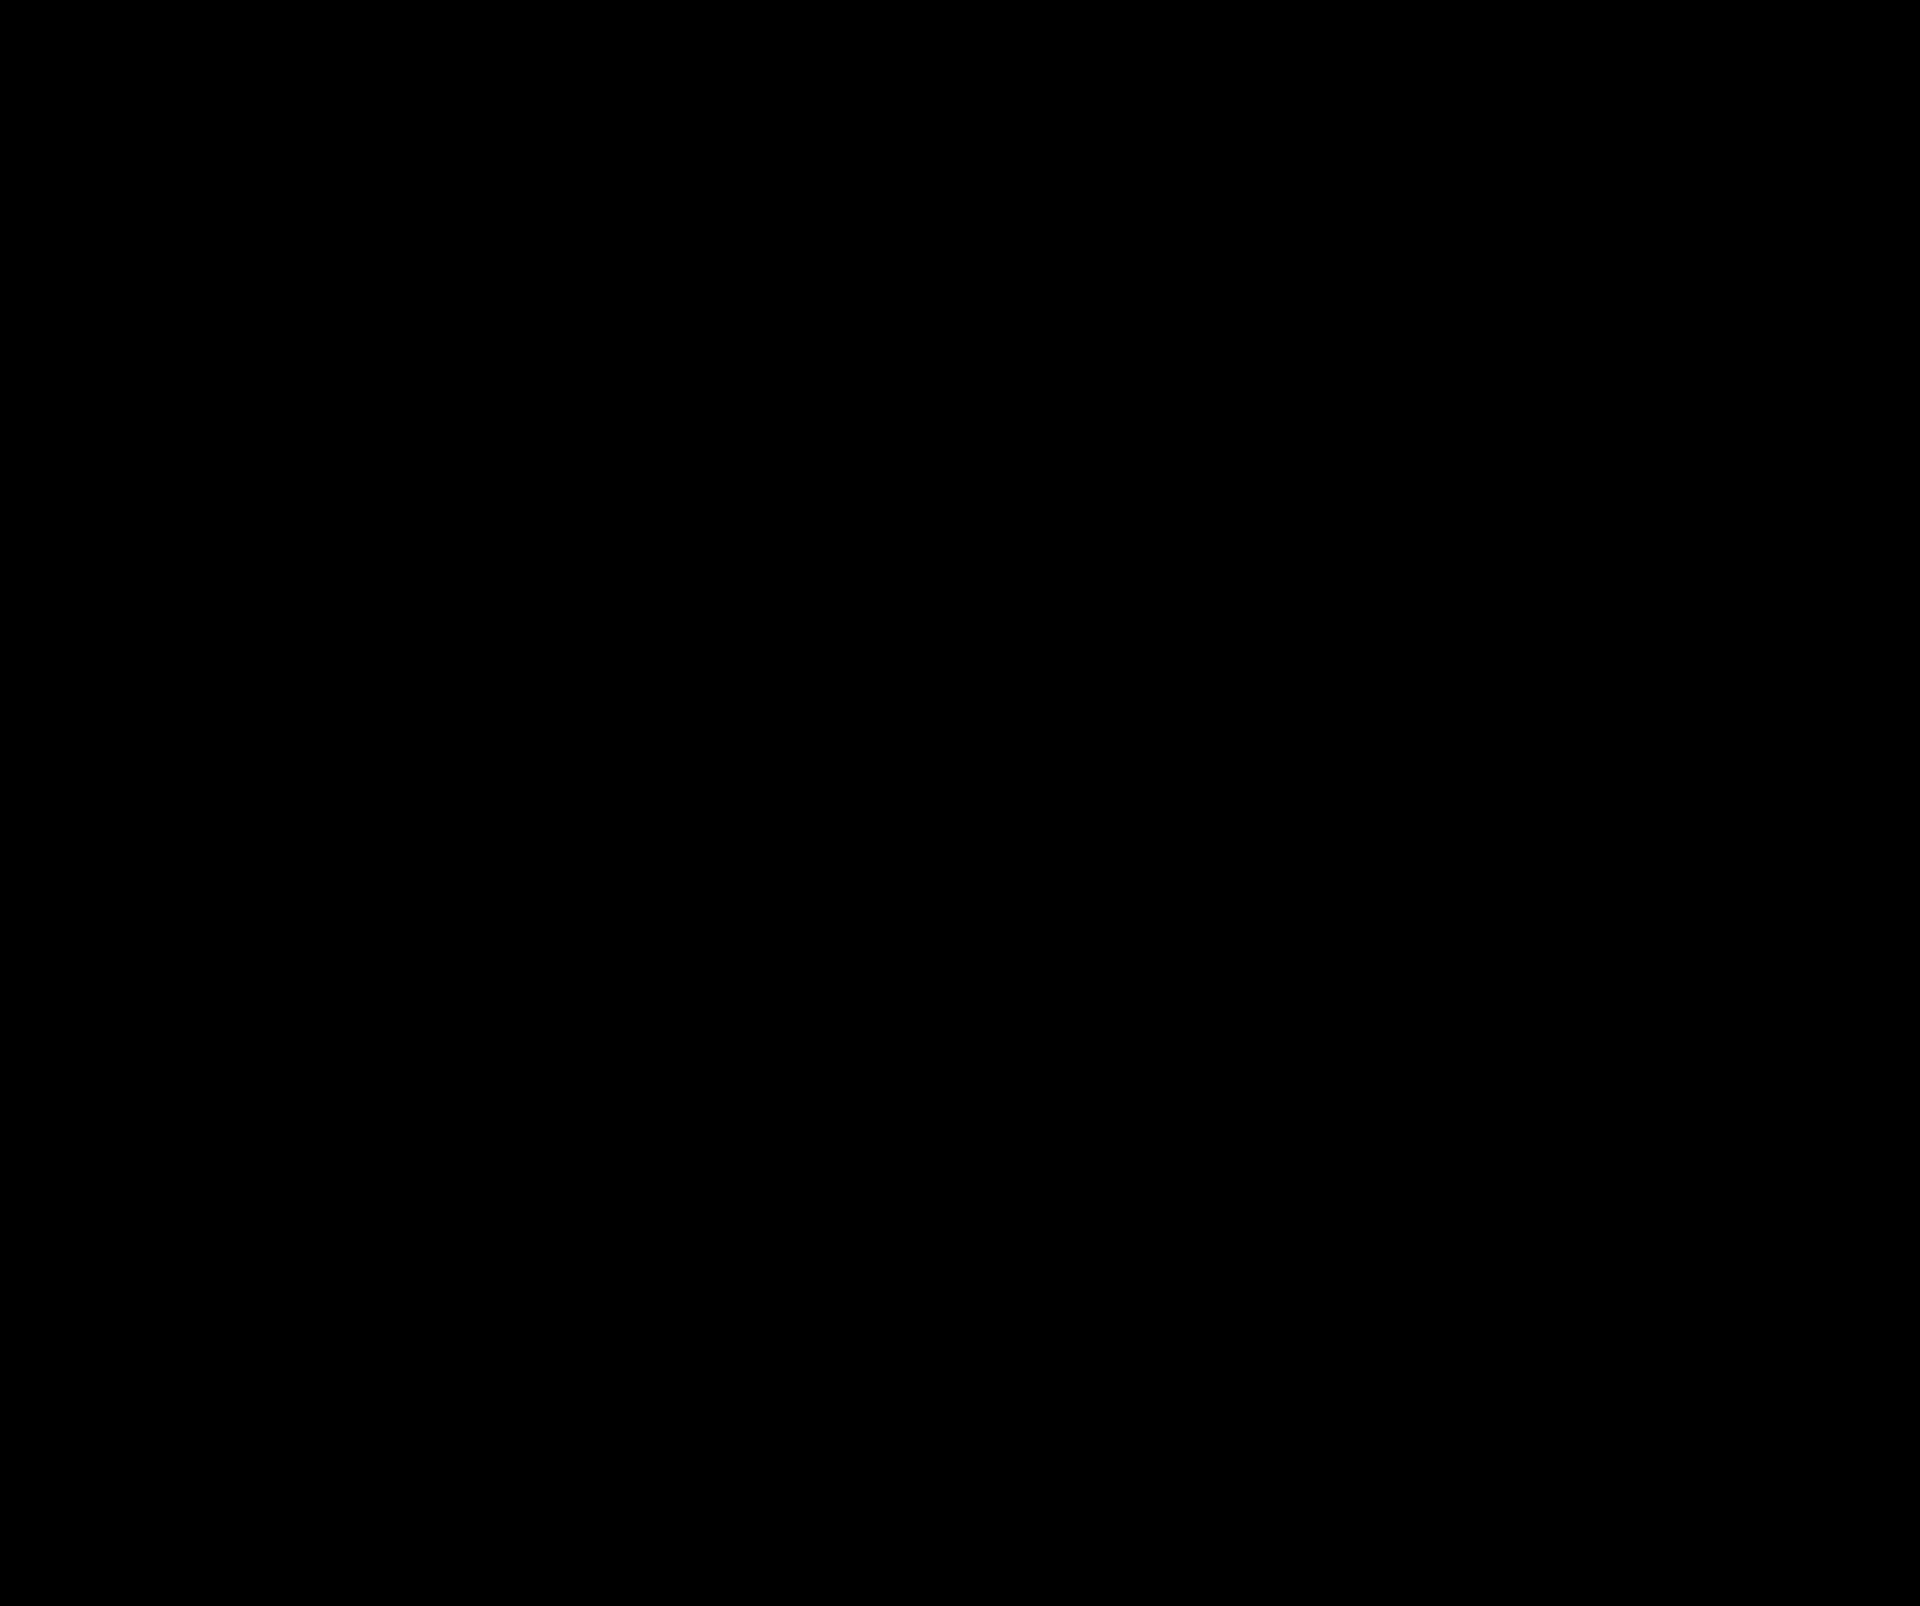 Logo Adriane Böhm schwarz